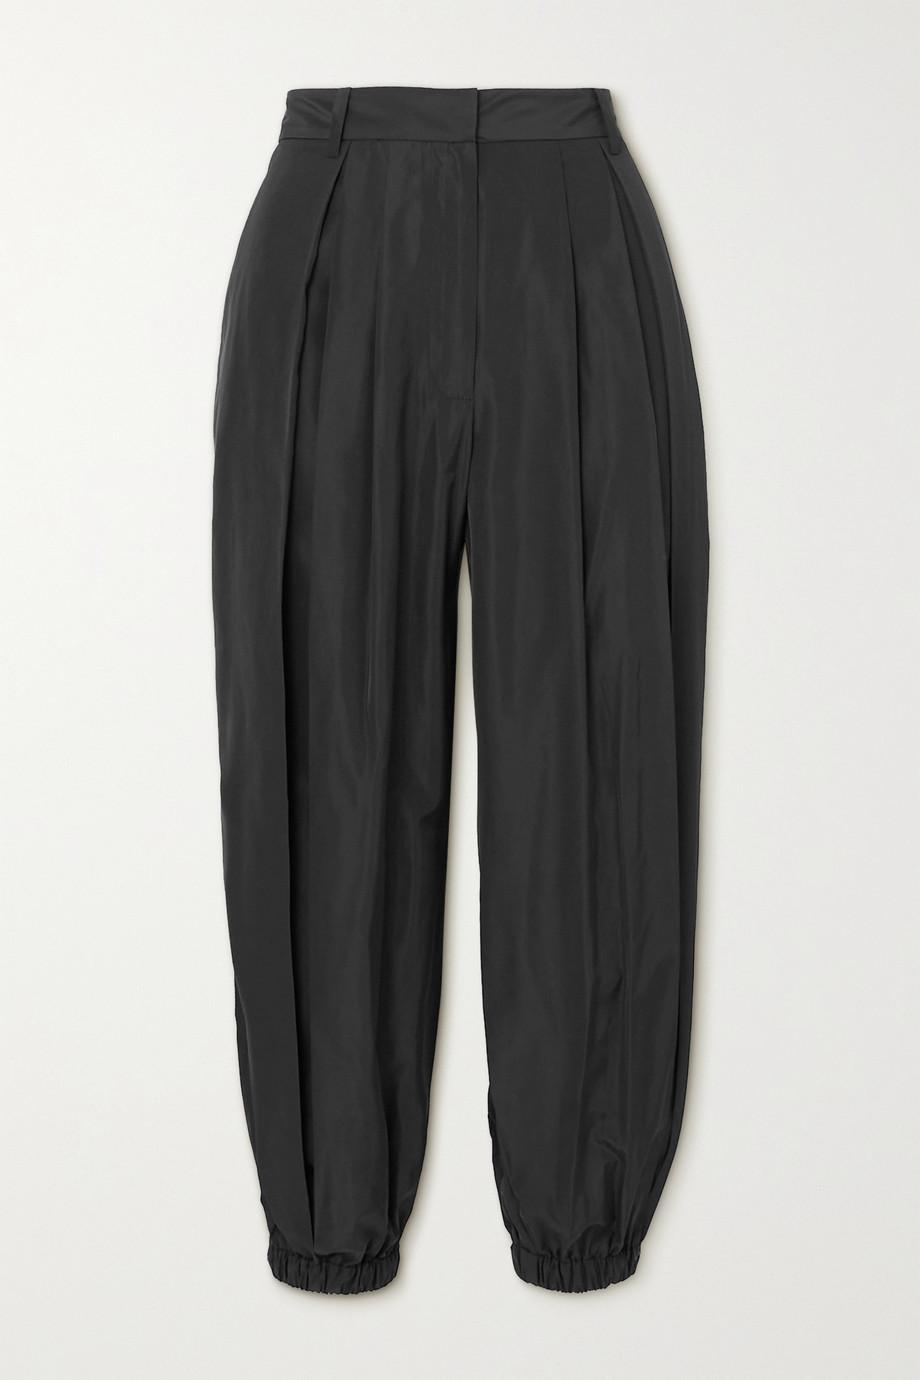 Tibi Pleated taffeta pants